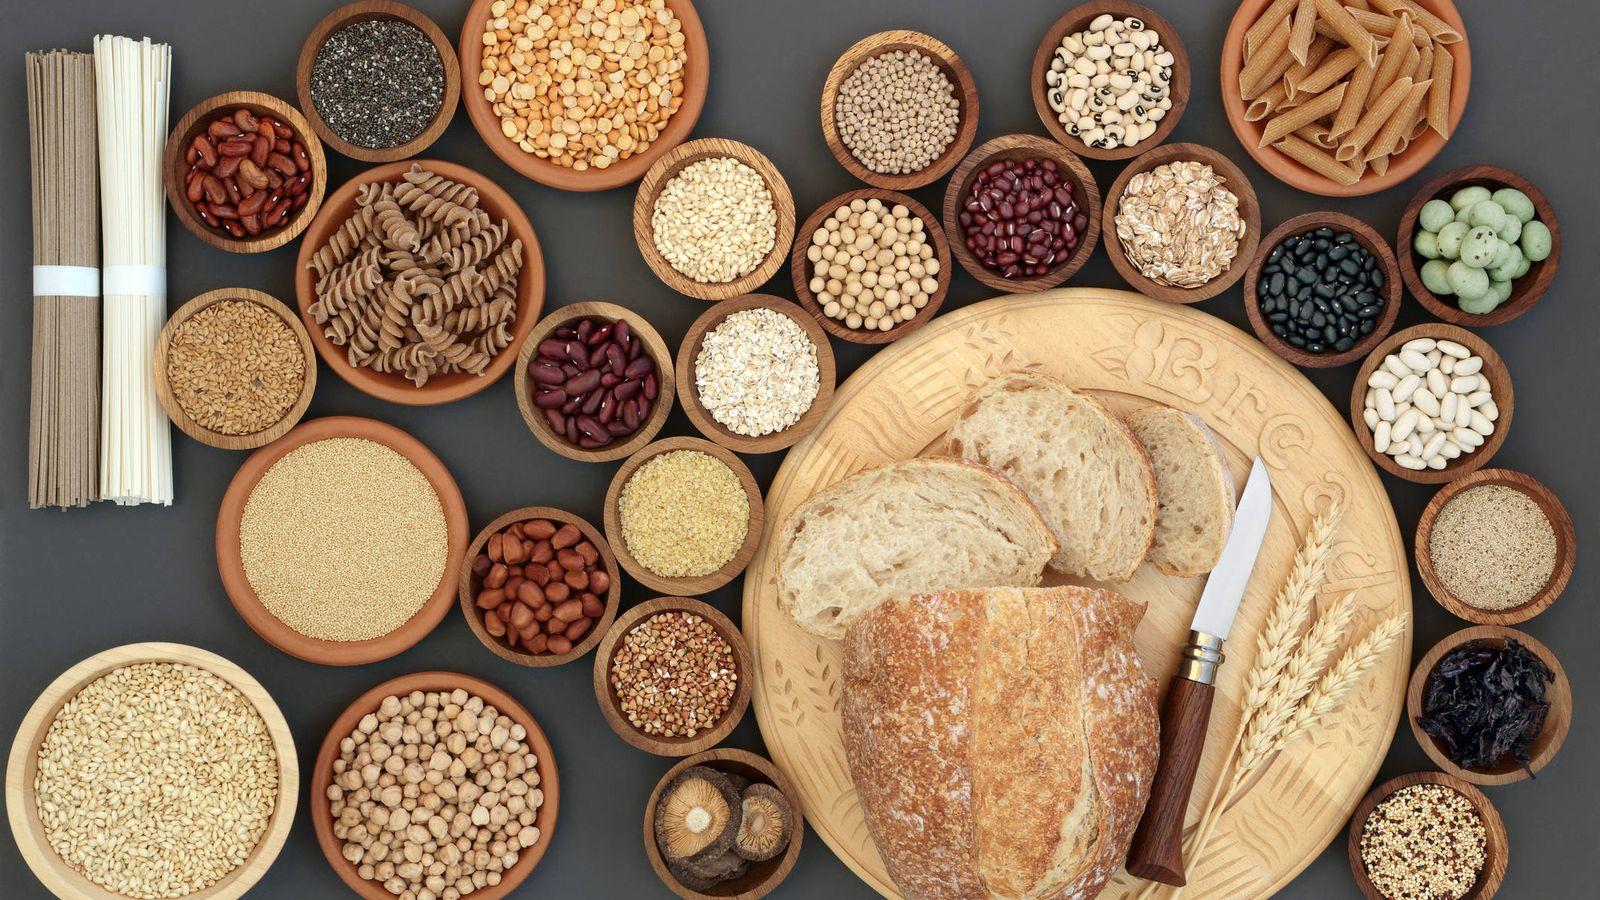 carbohidratos-la-energia-que-necesitas-y-no-engordan